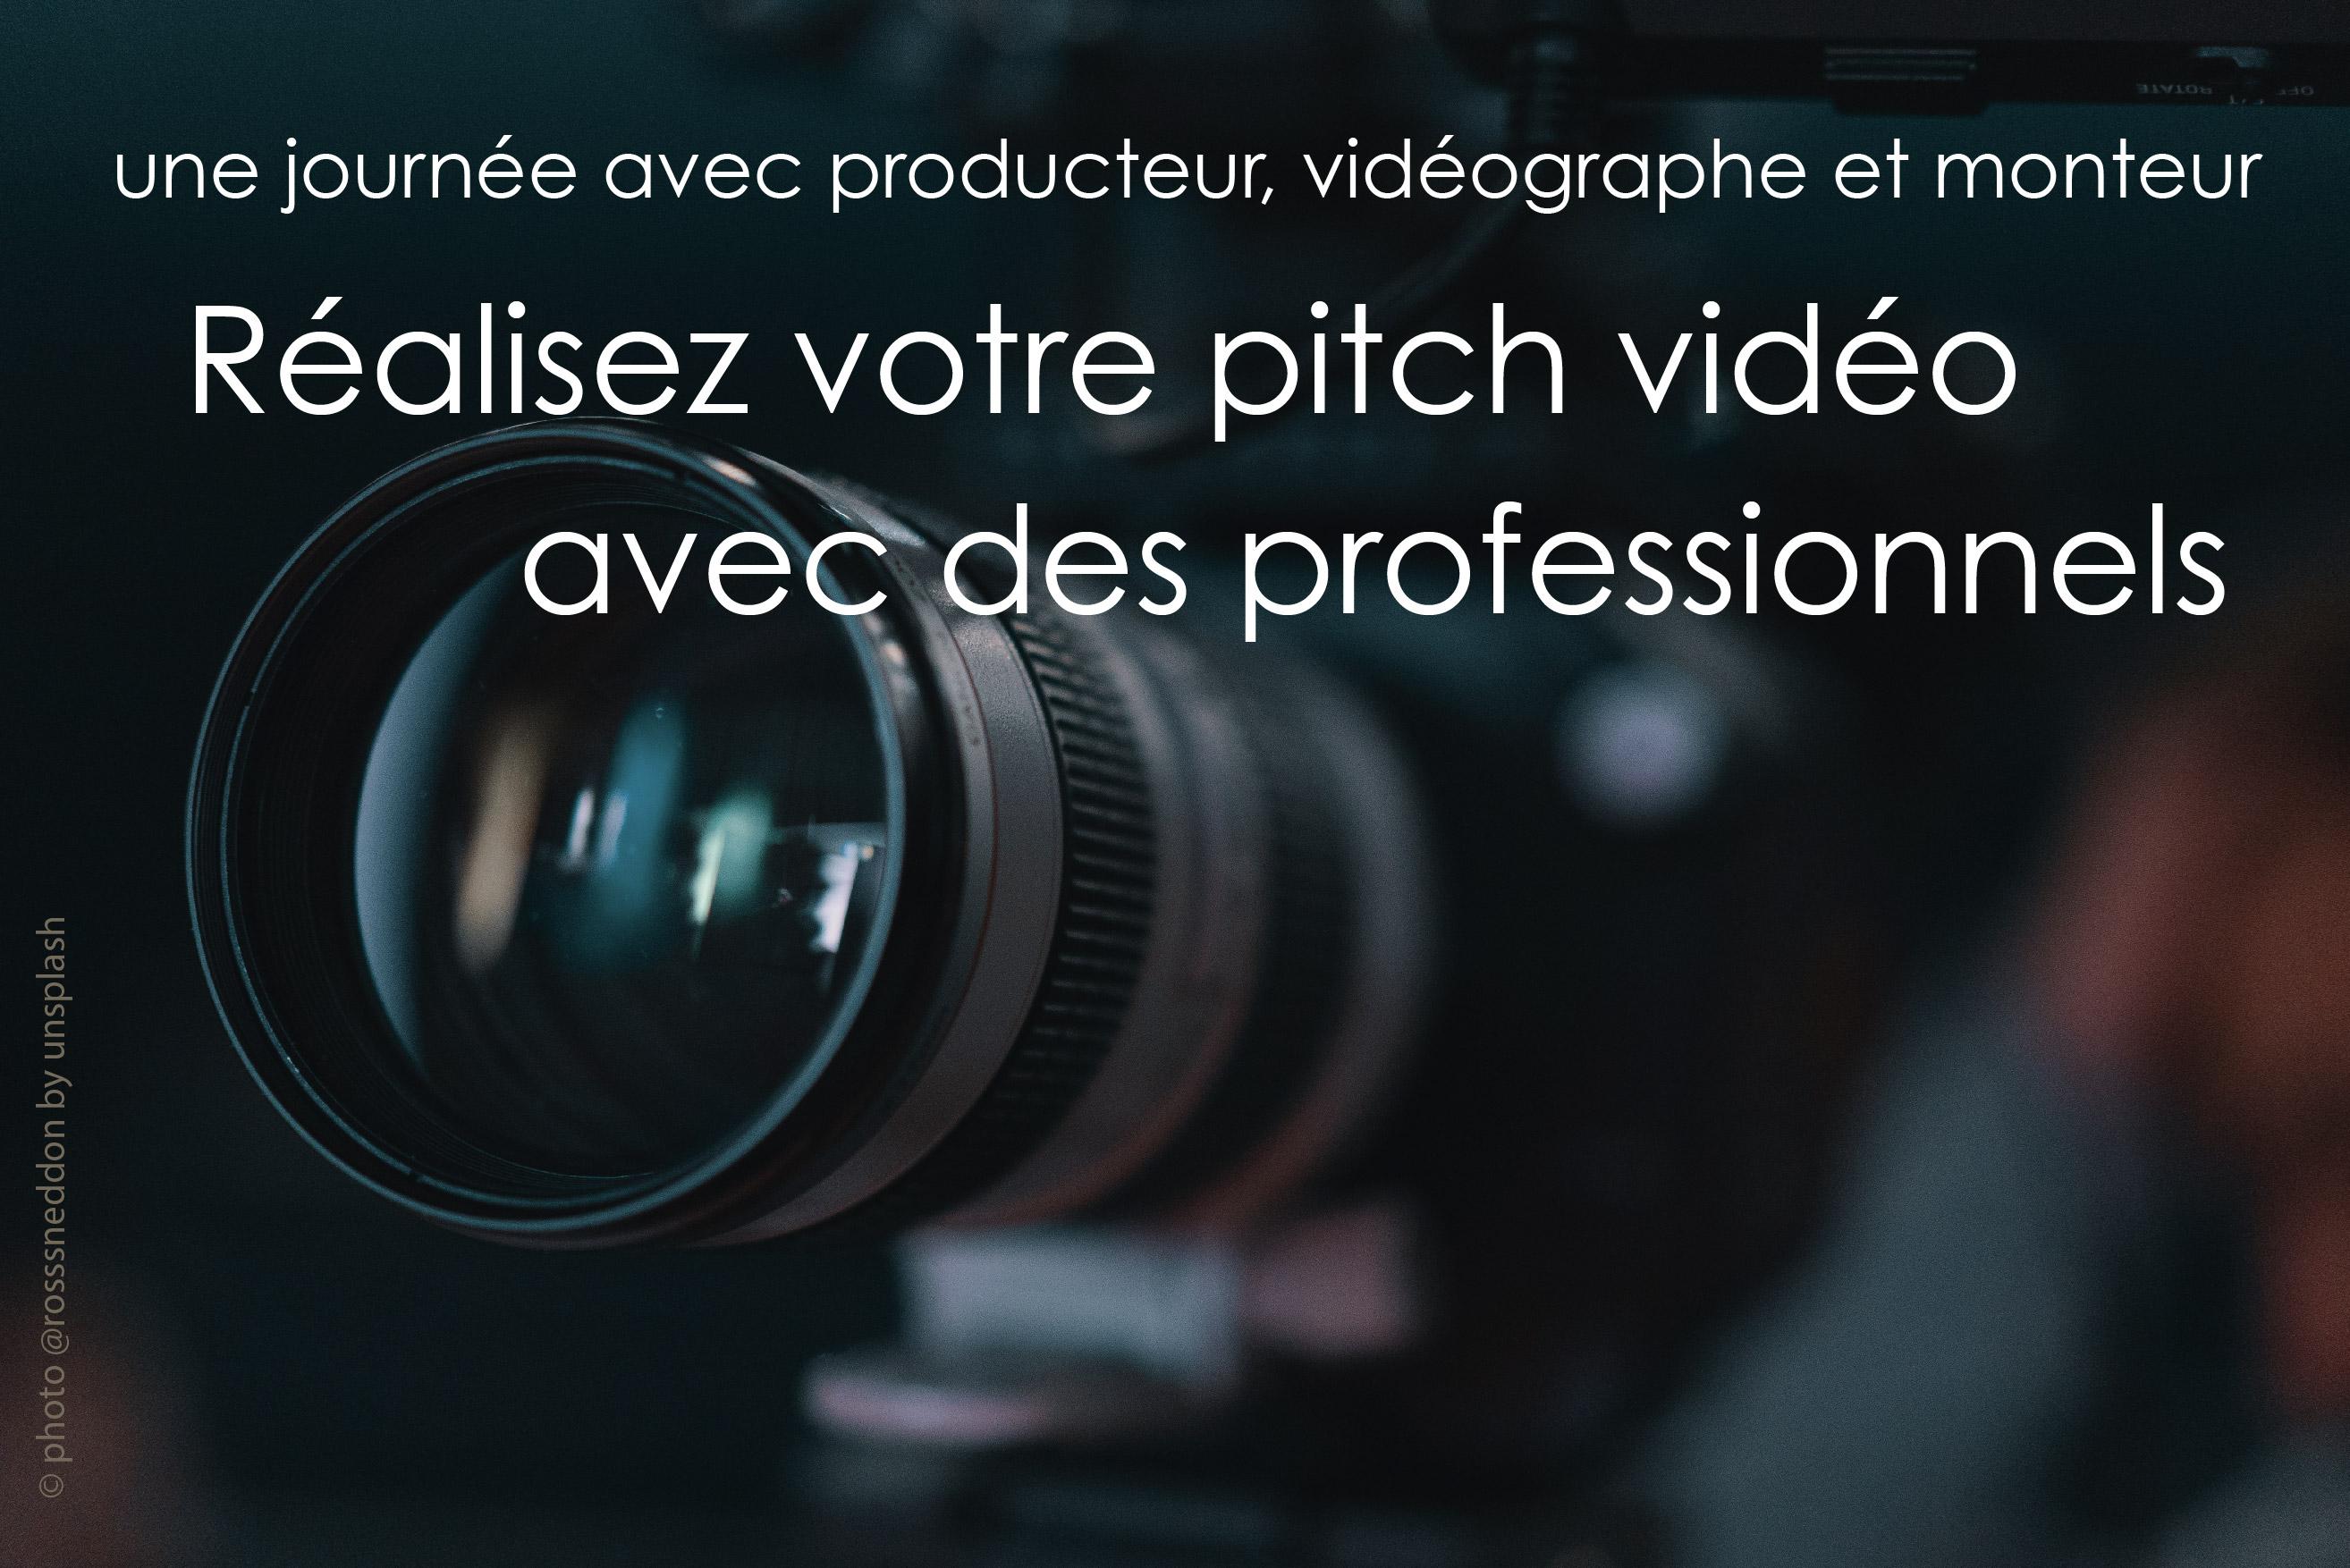 Une journée pour produire votre vidéo pitch avec l'aide de professionnels